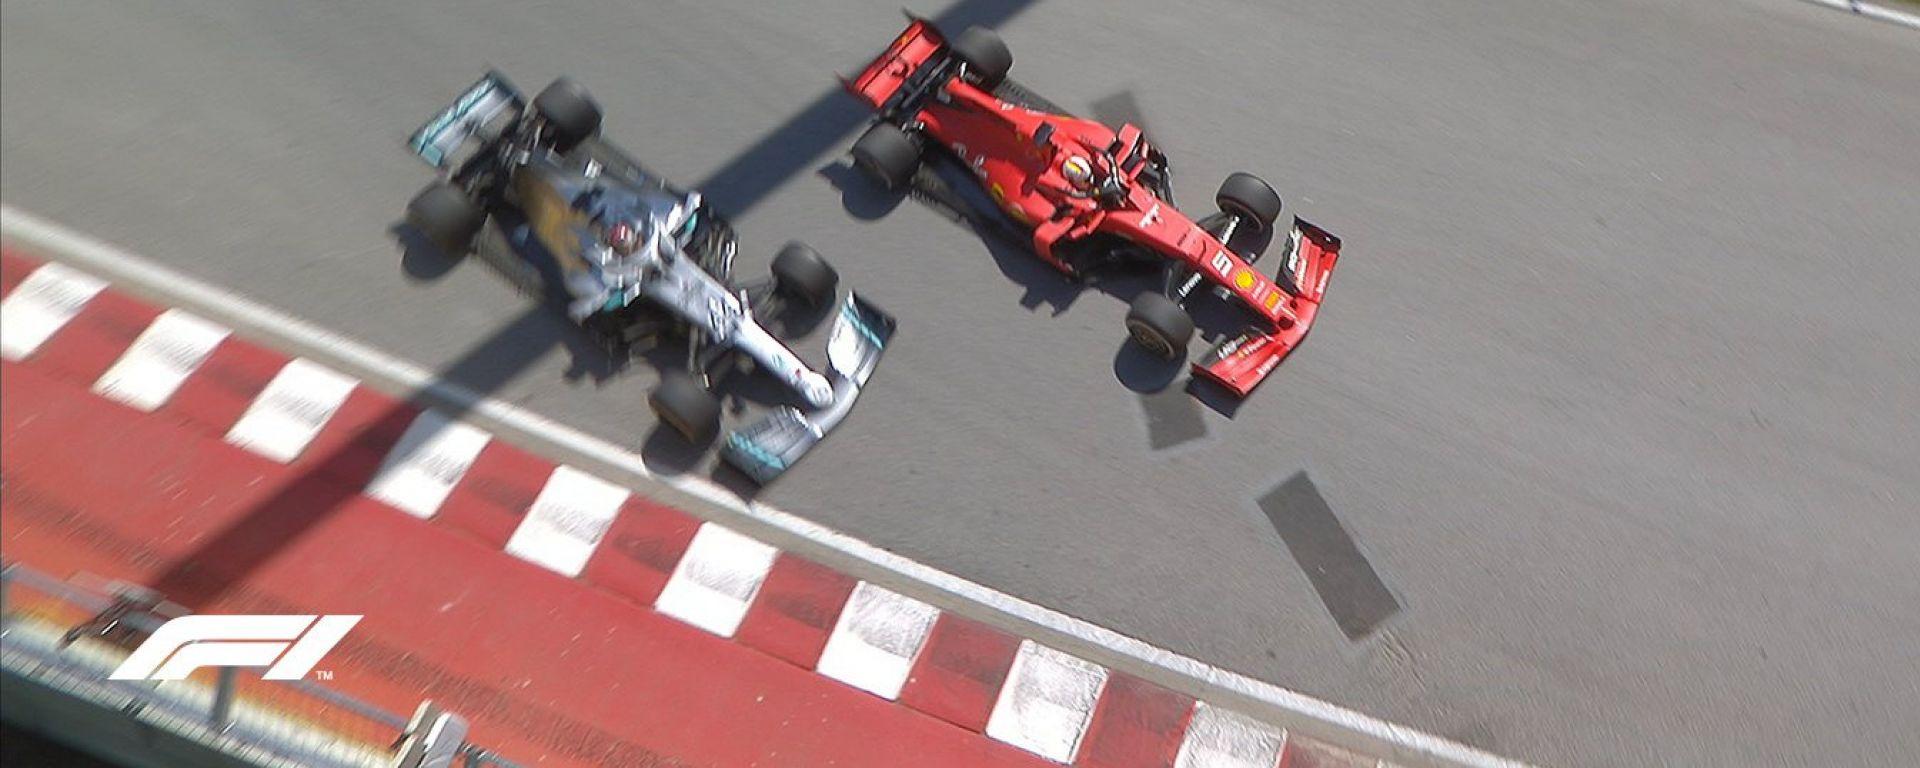 Il momento decisivo del Gp Canada: Vettel taglia la chicane e rientra in pista ostacolando Hamilton